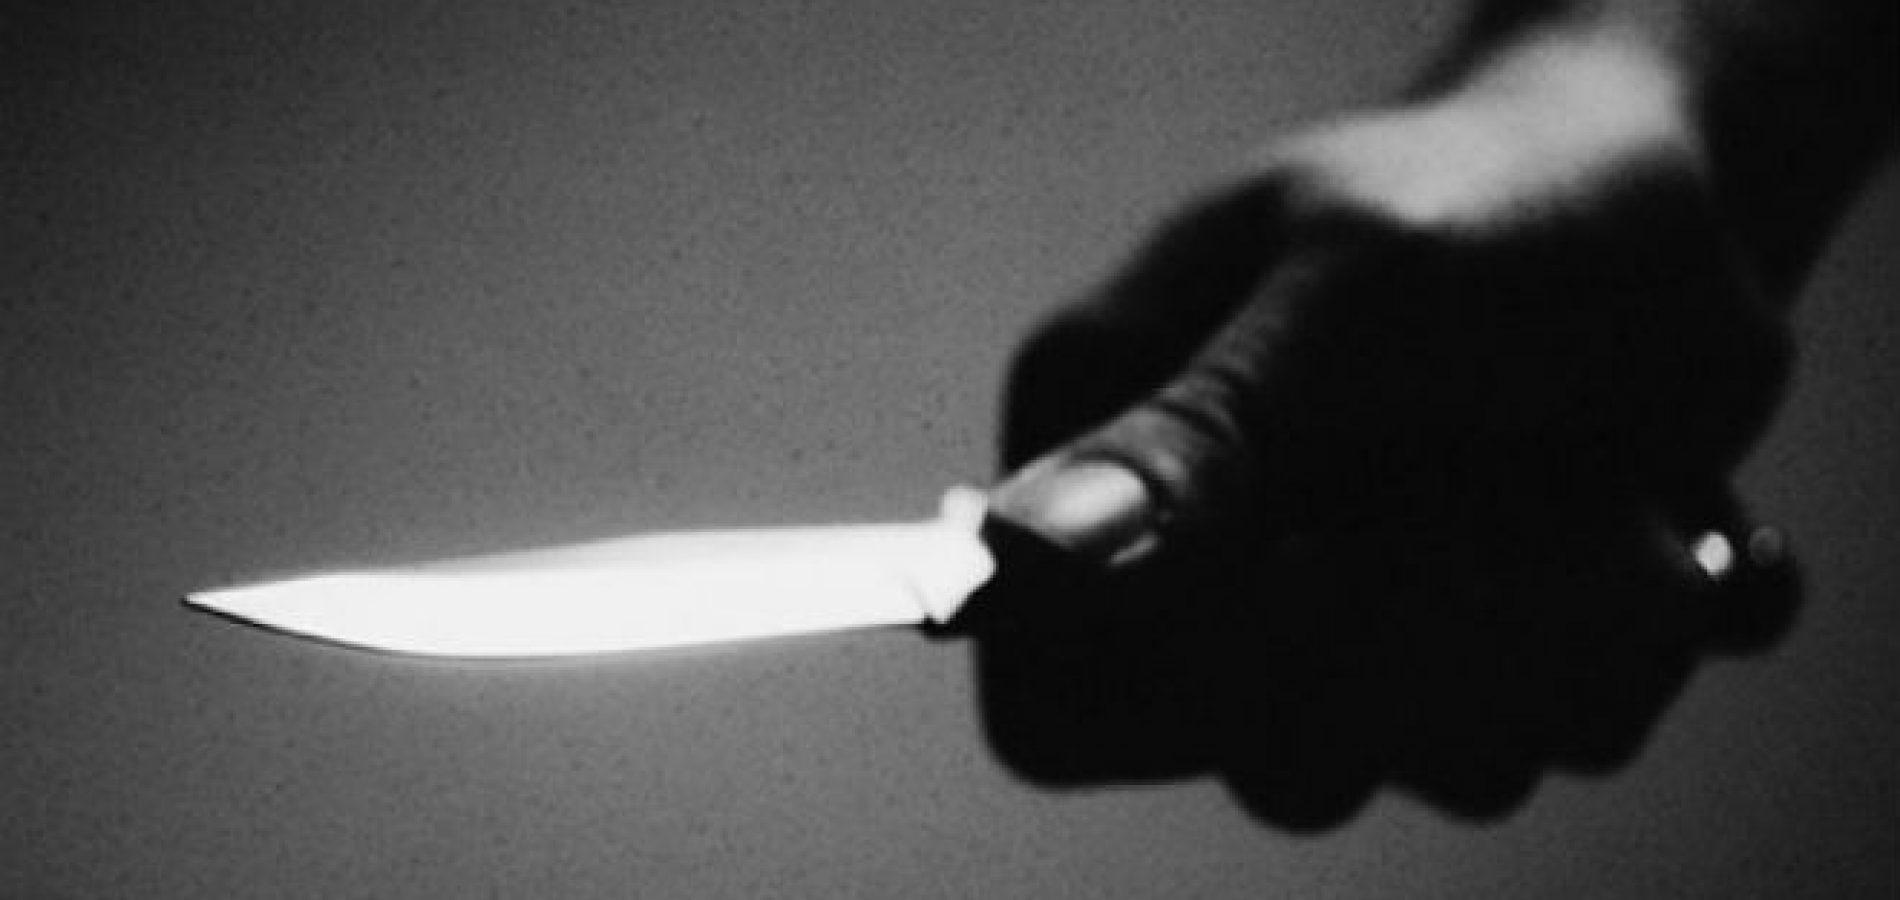 Homem é morto com duas facadas após discussão em bar no Piauí